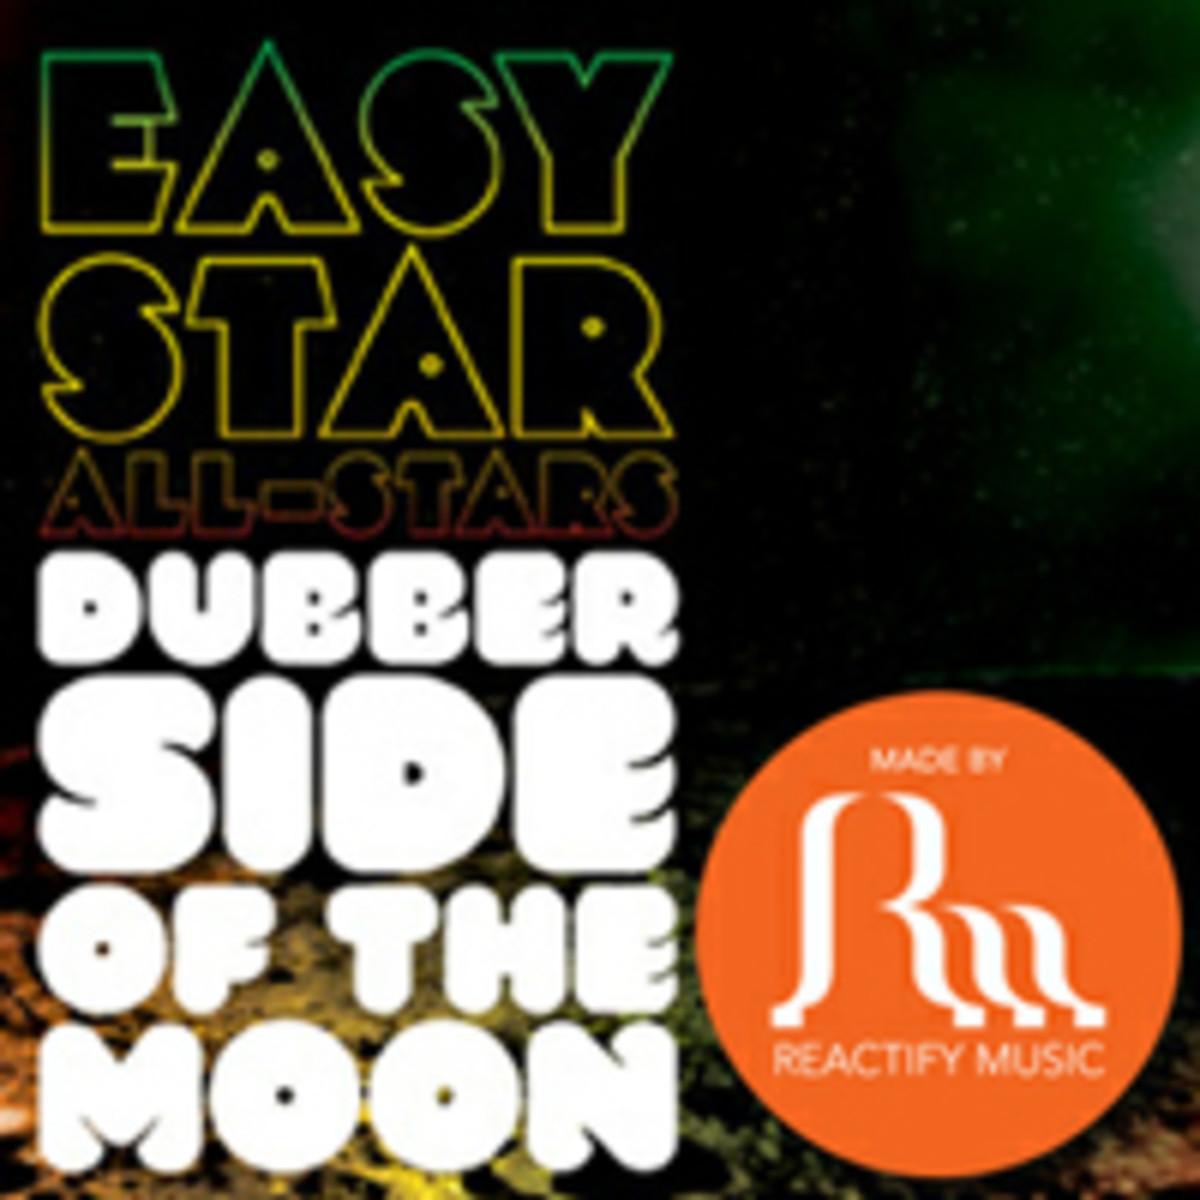 Easy-Star-Allstars